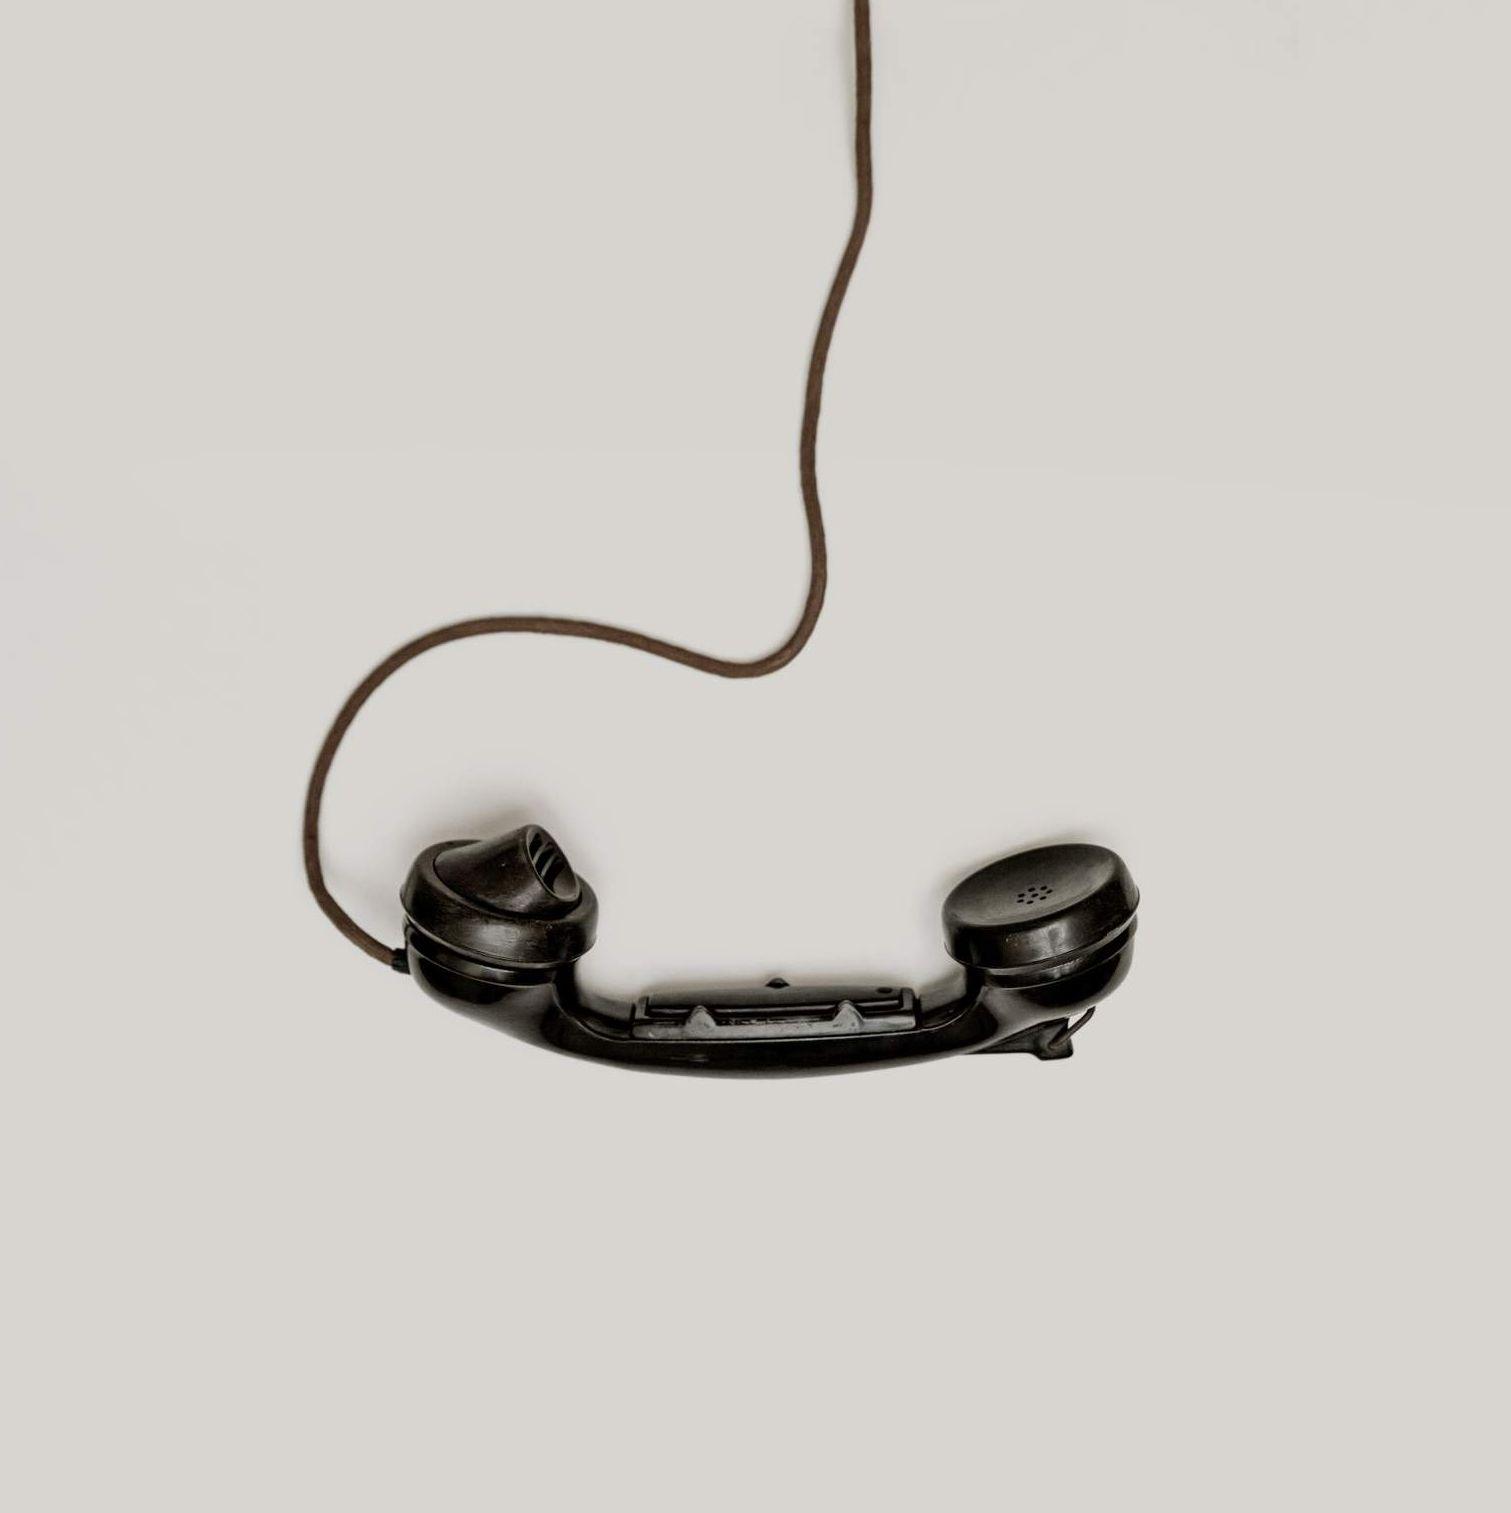 Telefonische prospectie